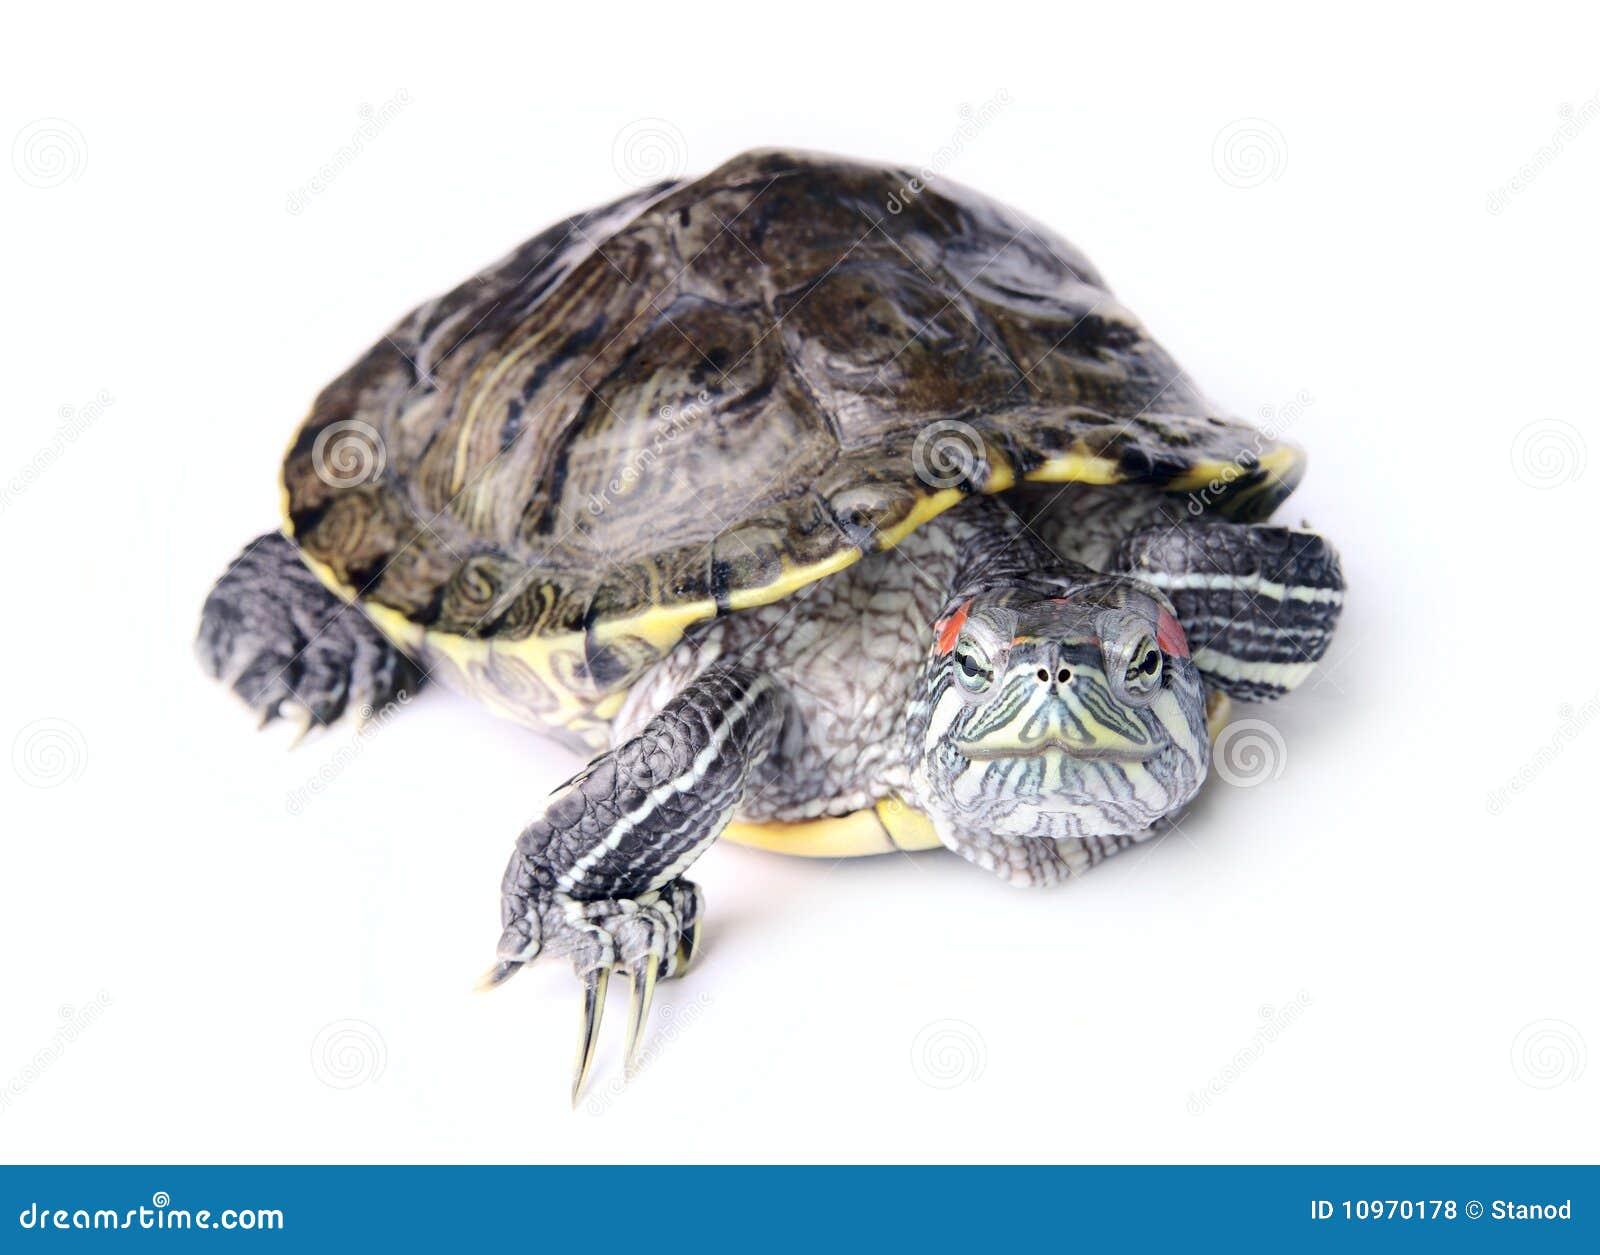 梦见紧紧抓住乌龟